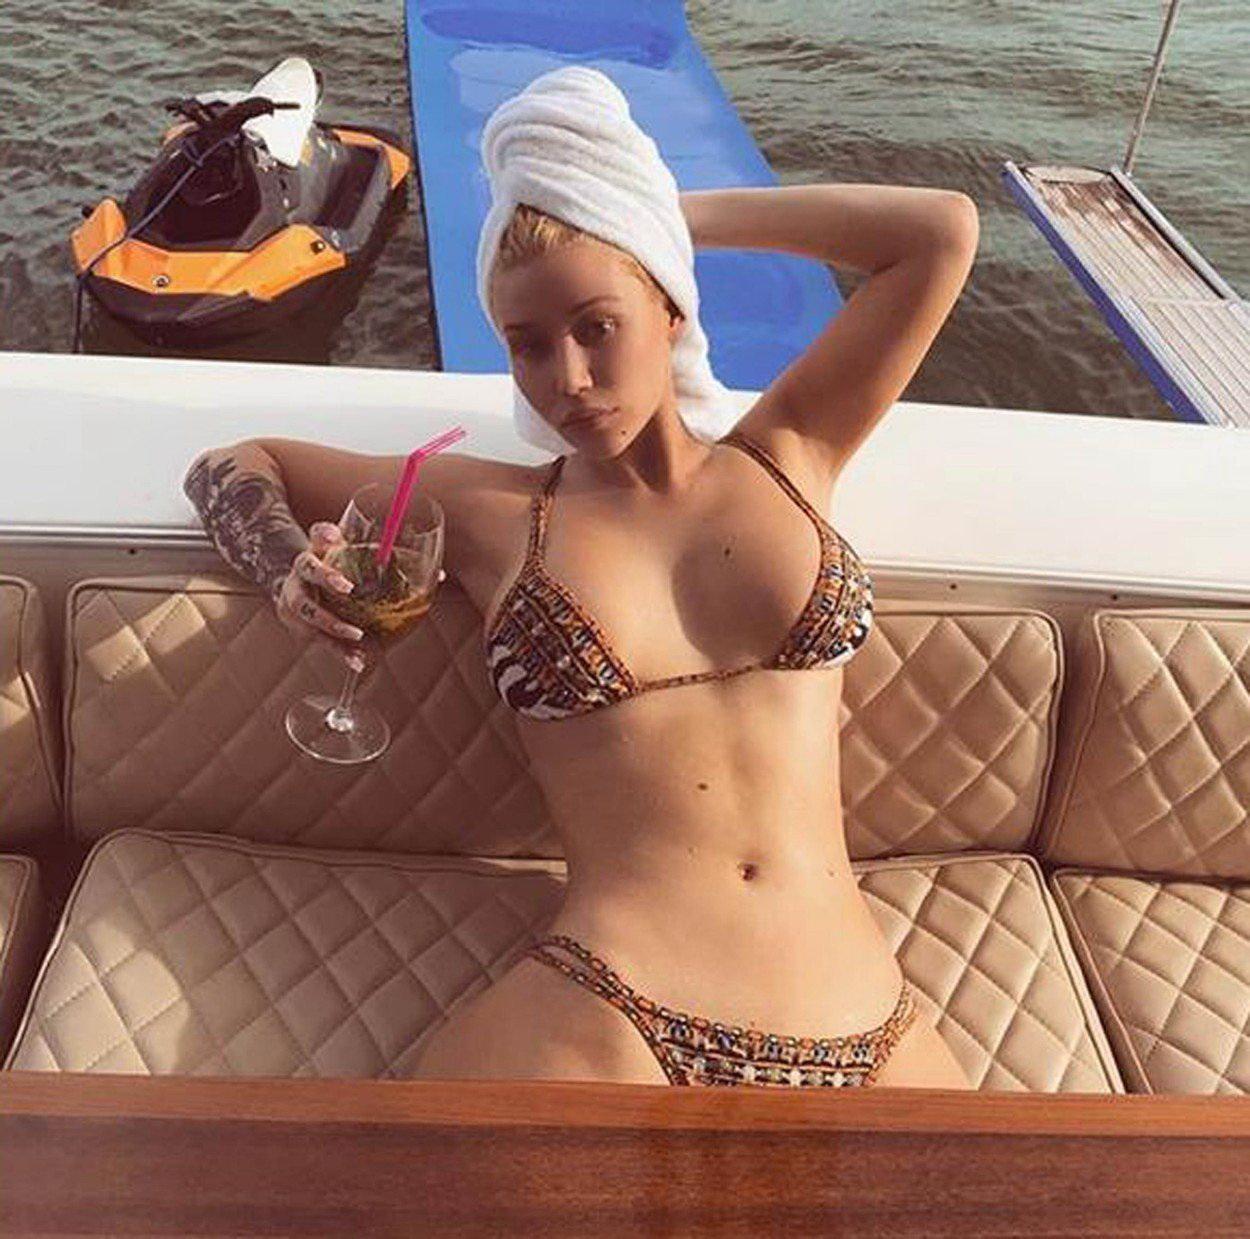 Falatnyi bikiniben villantotta meg melleit Iggy Azalea – galéria - Blikk.hu cd04c613f0